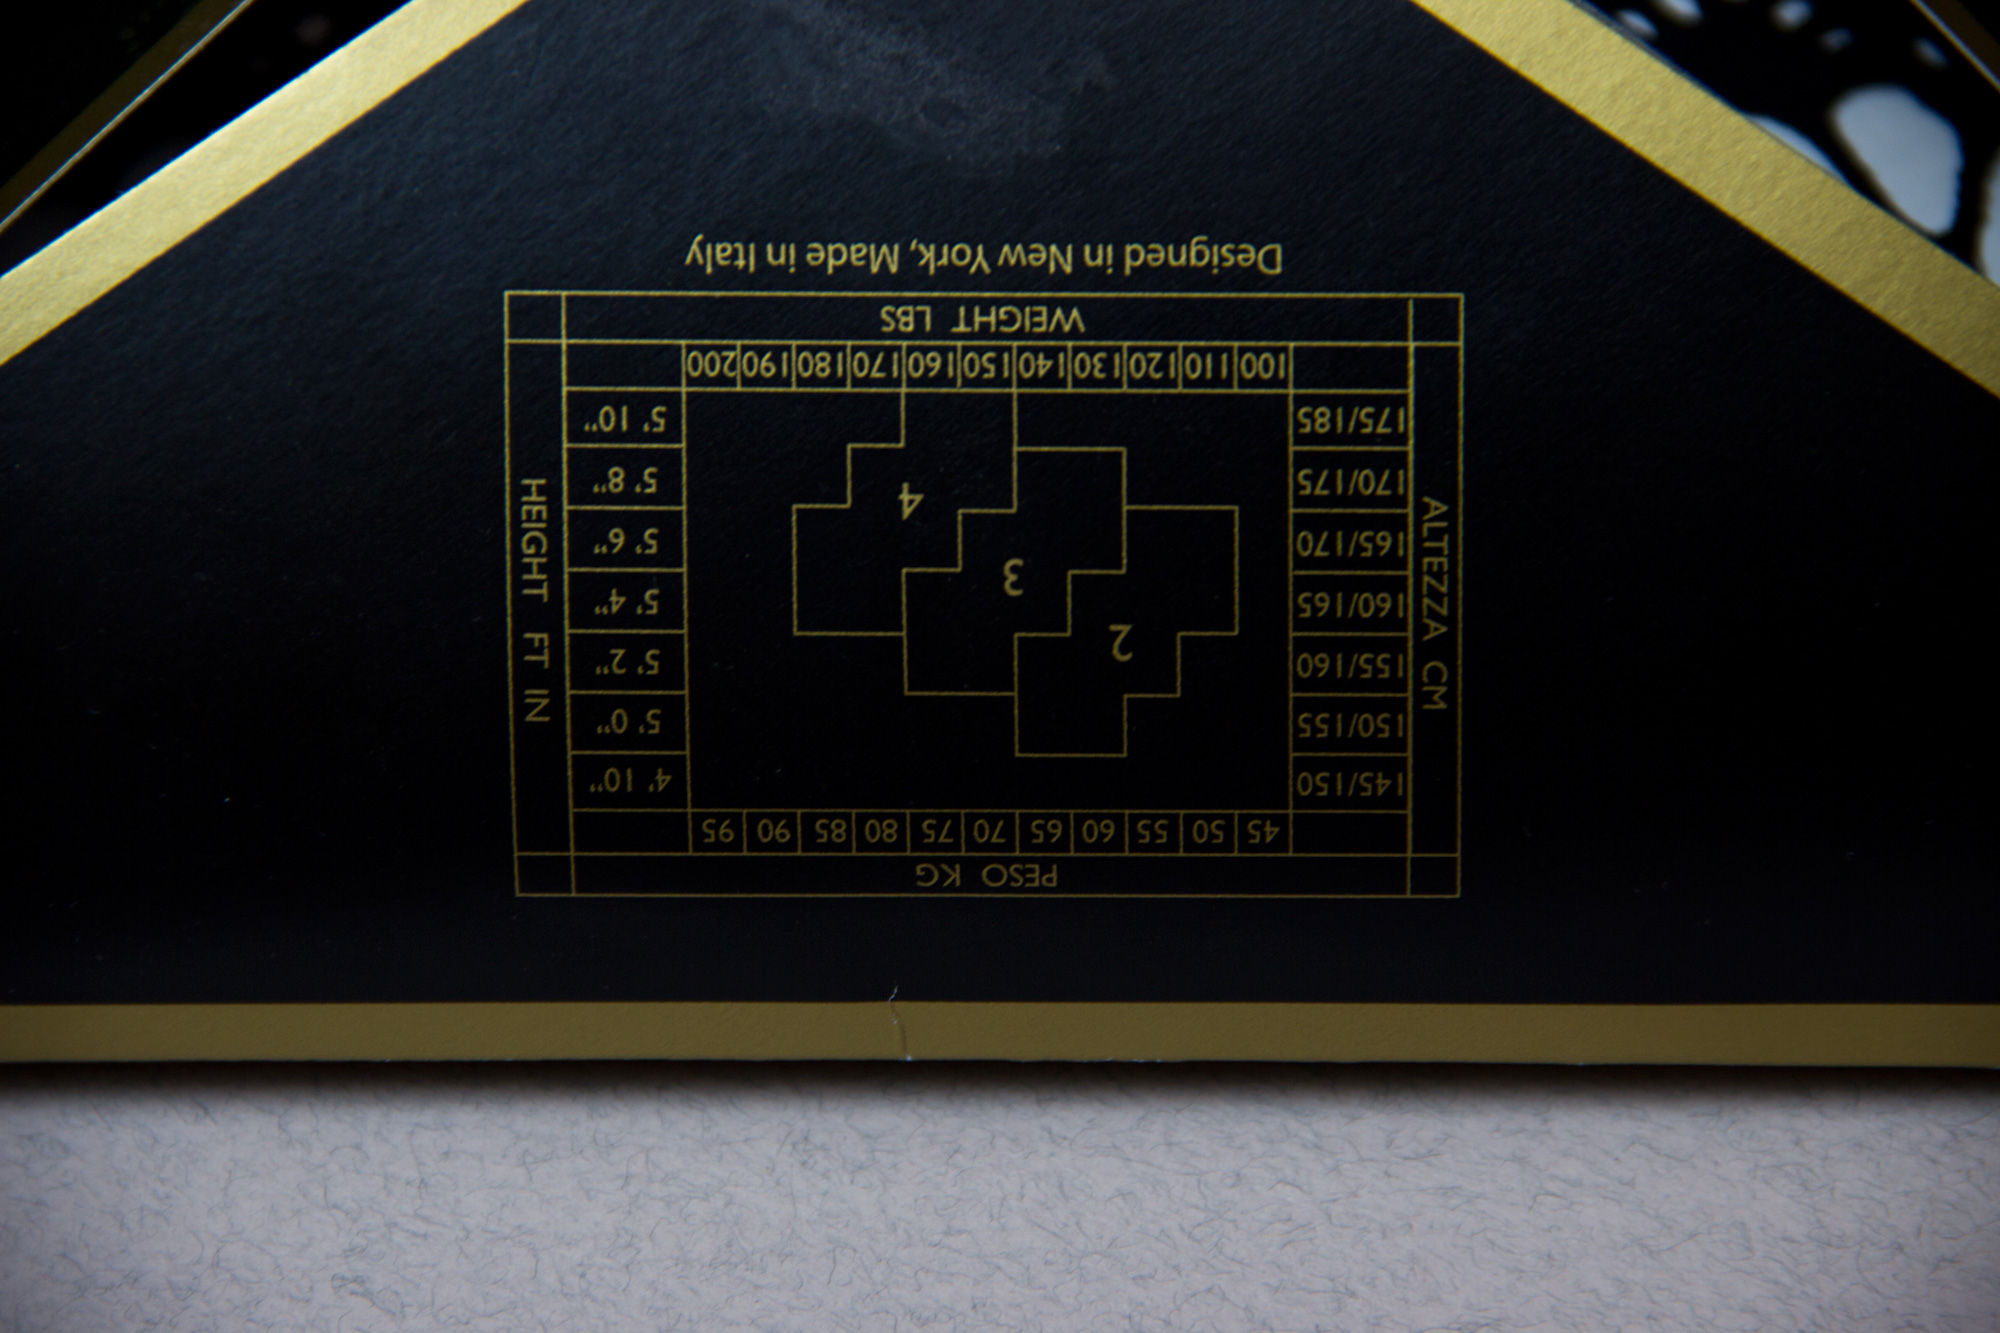 Обзор чулок Kai от английского бренда Erica M. в журнале о нижнем белье GB {Garterblog.ru}. Таблица размеров чулок на упаковке